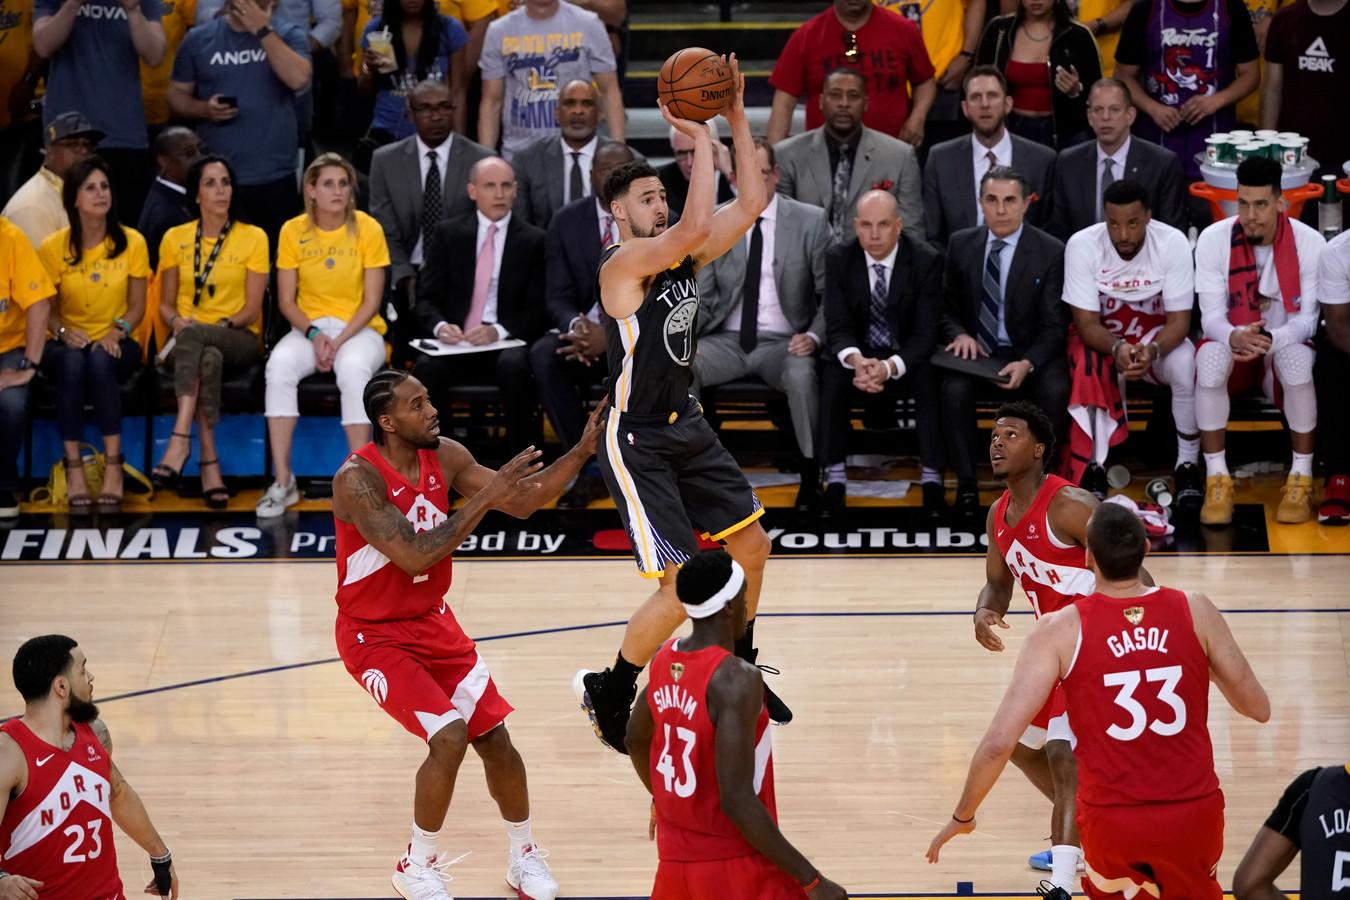 Guard Klay Thompson (springend) van Golden State Warriors viel tijdens het duel uit met een knieblessure.